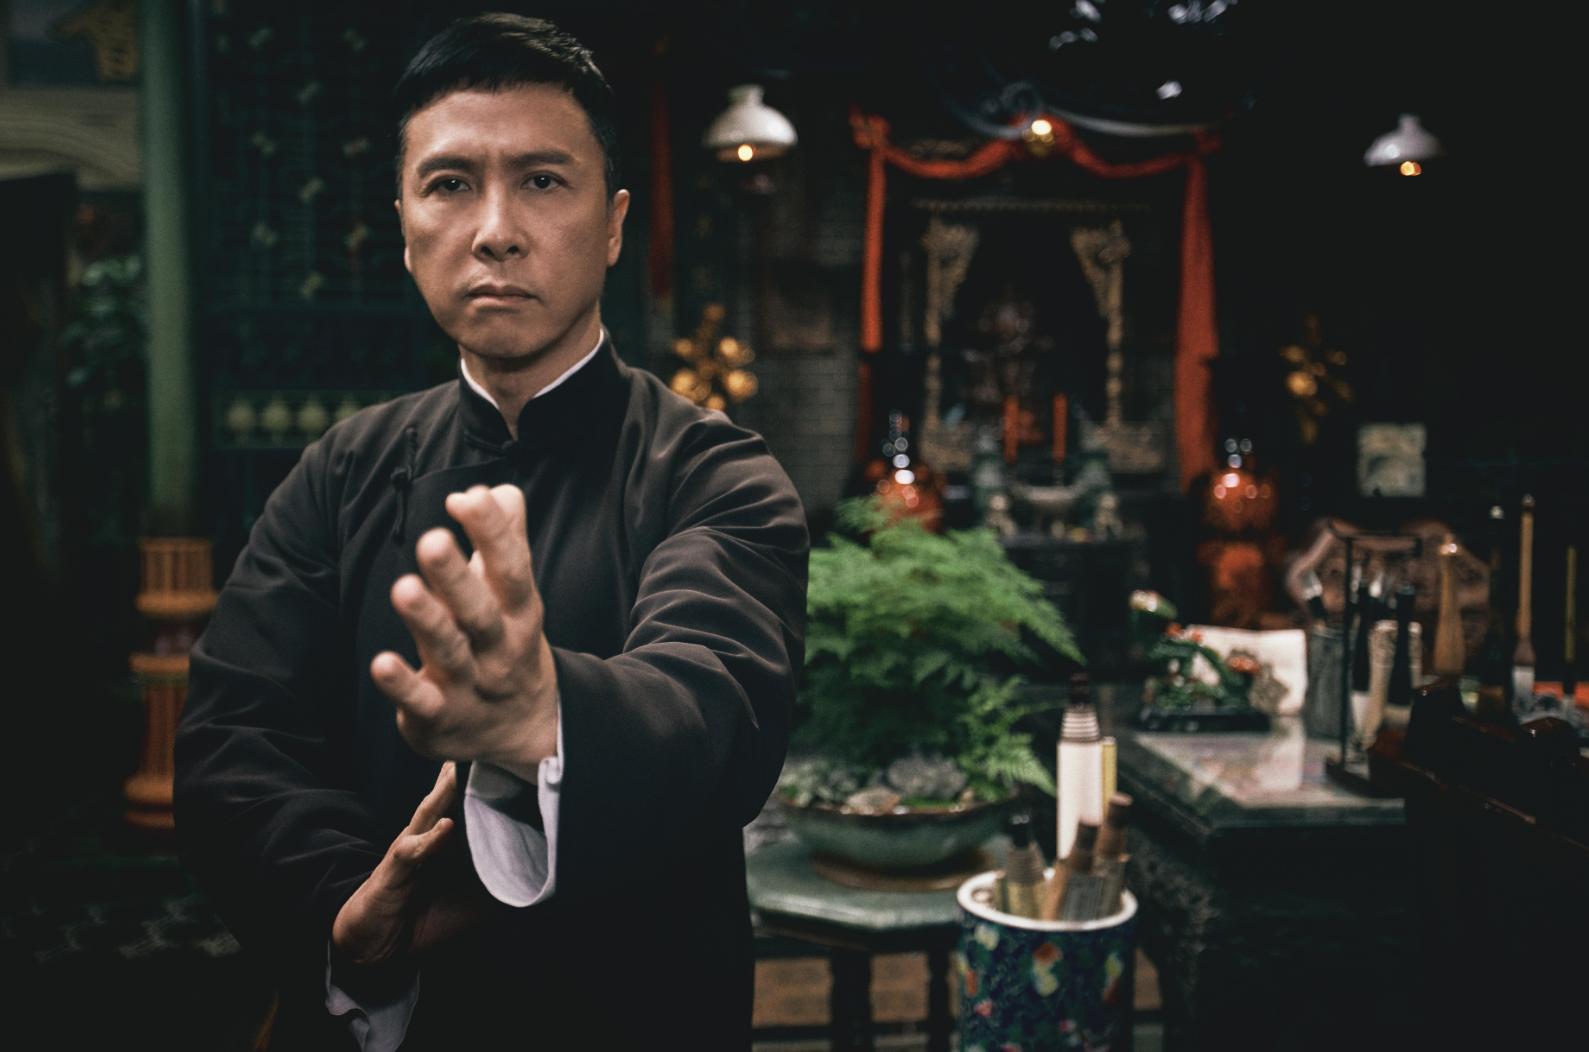 甄子丹获中美电影节最佳男主及制片人大奖 传扬中国文化打造世界级经典作品